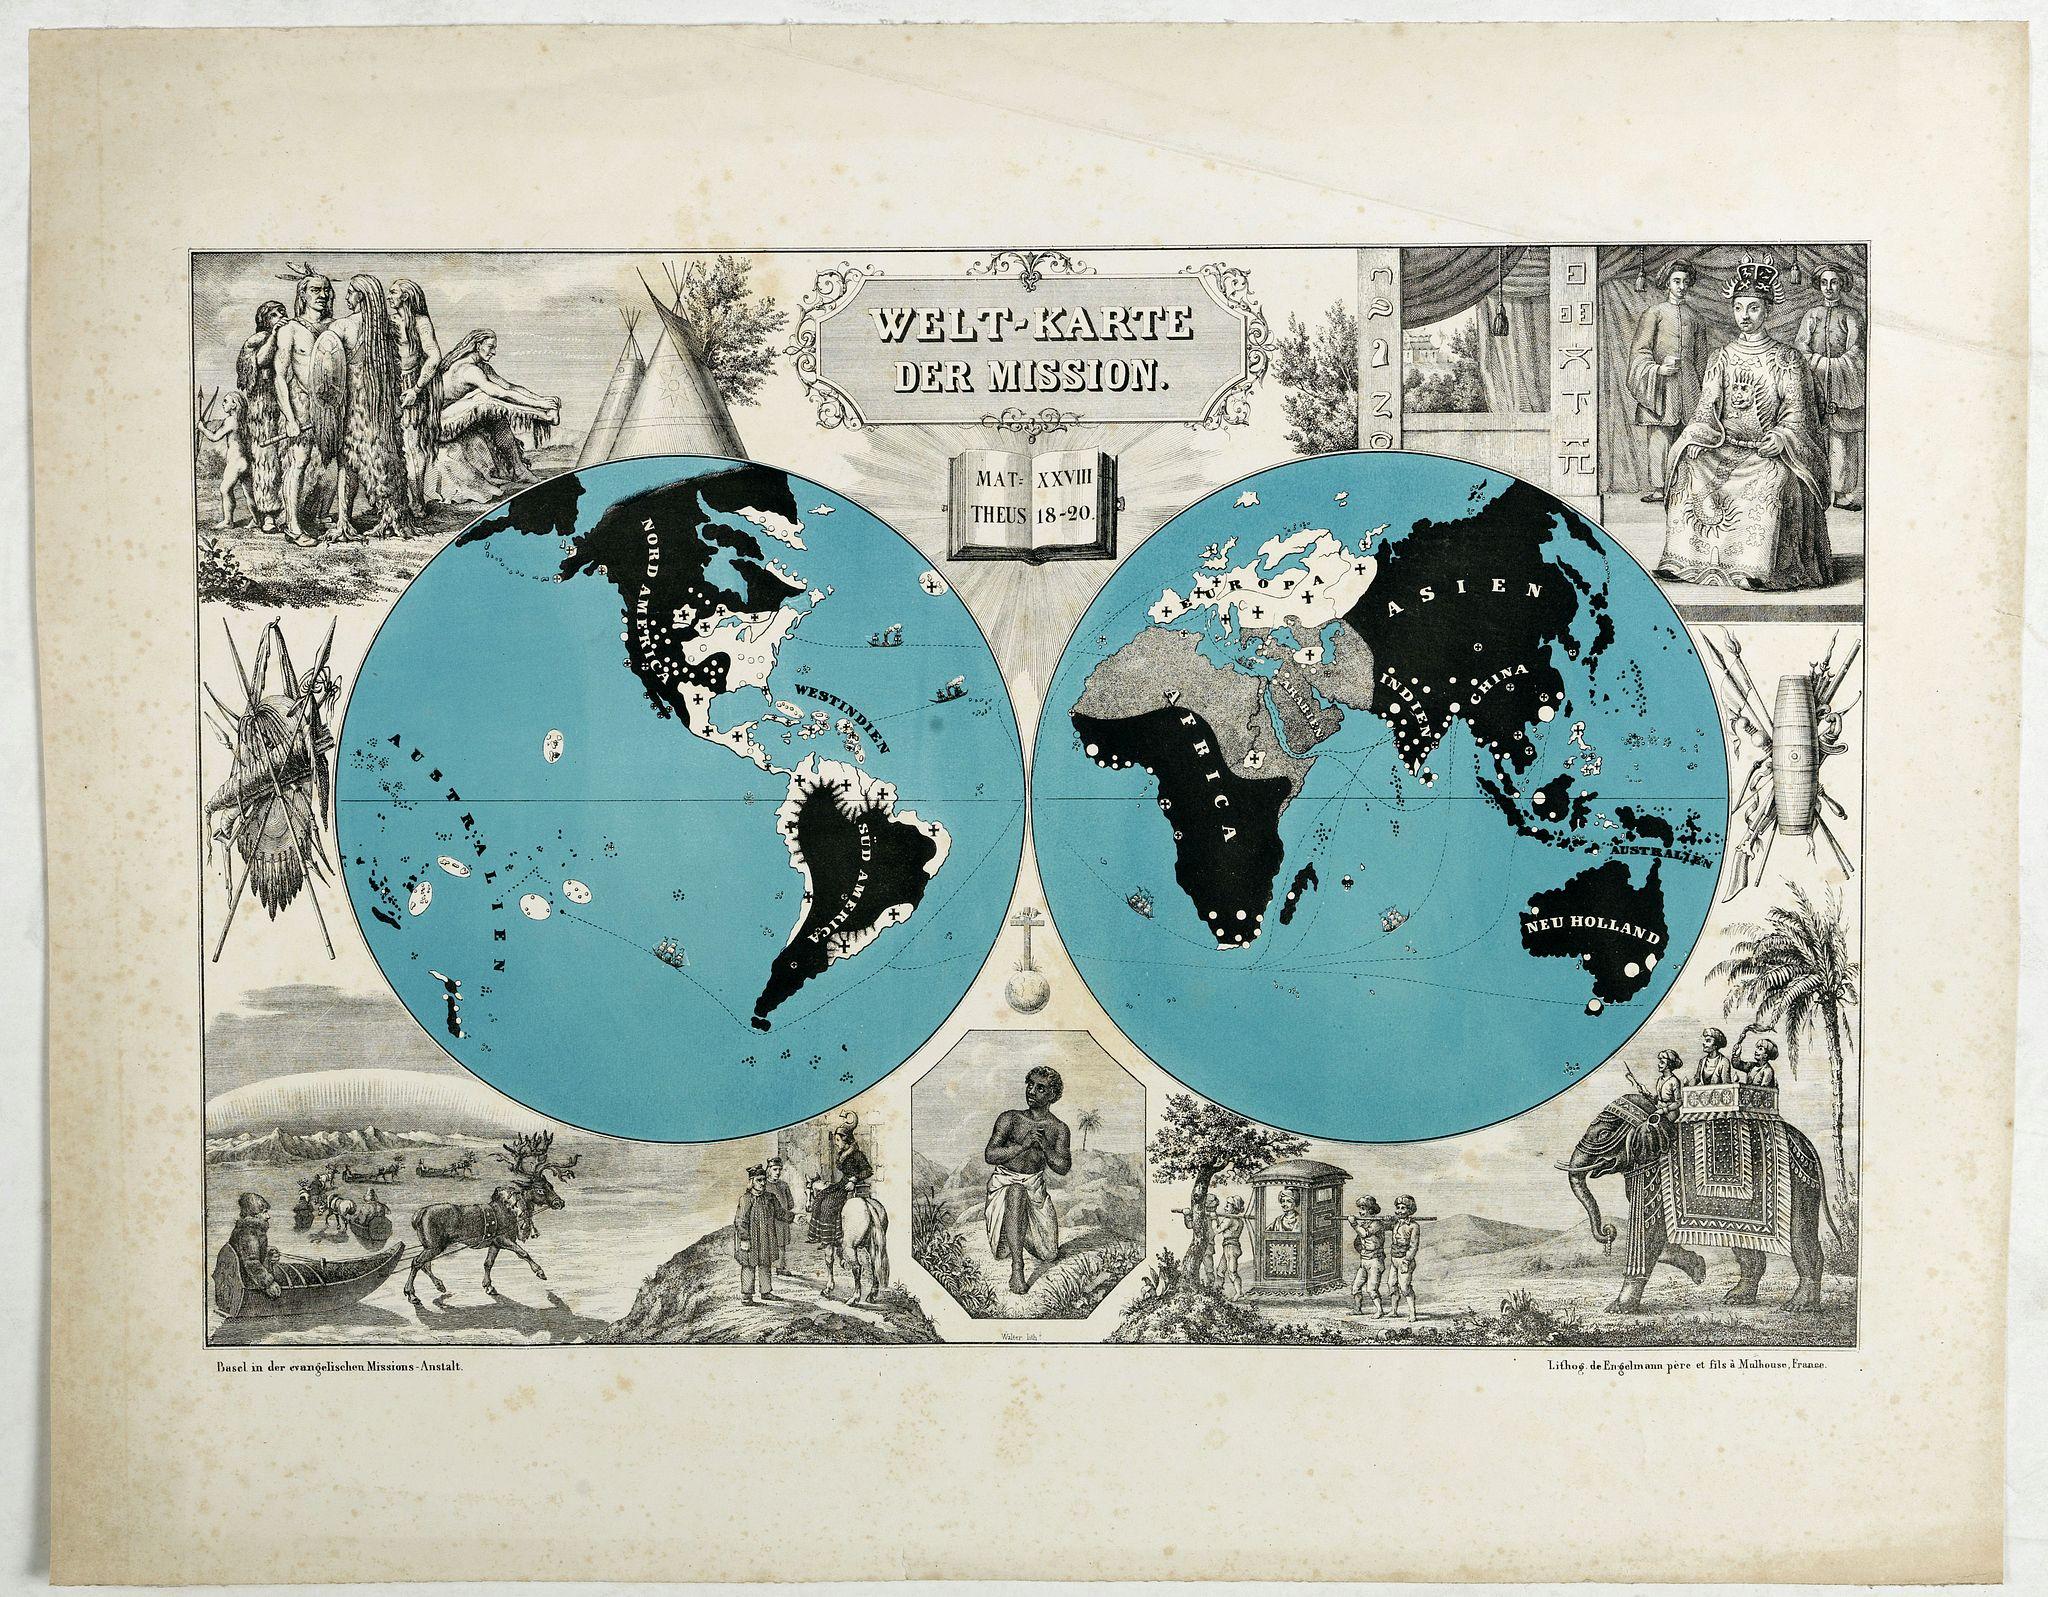 ENGELMANN, G. -  Welt-Karte der Mission.